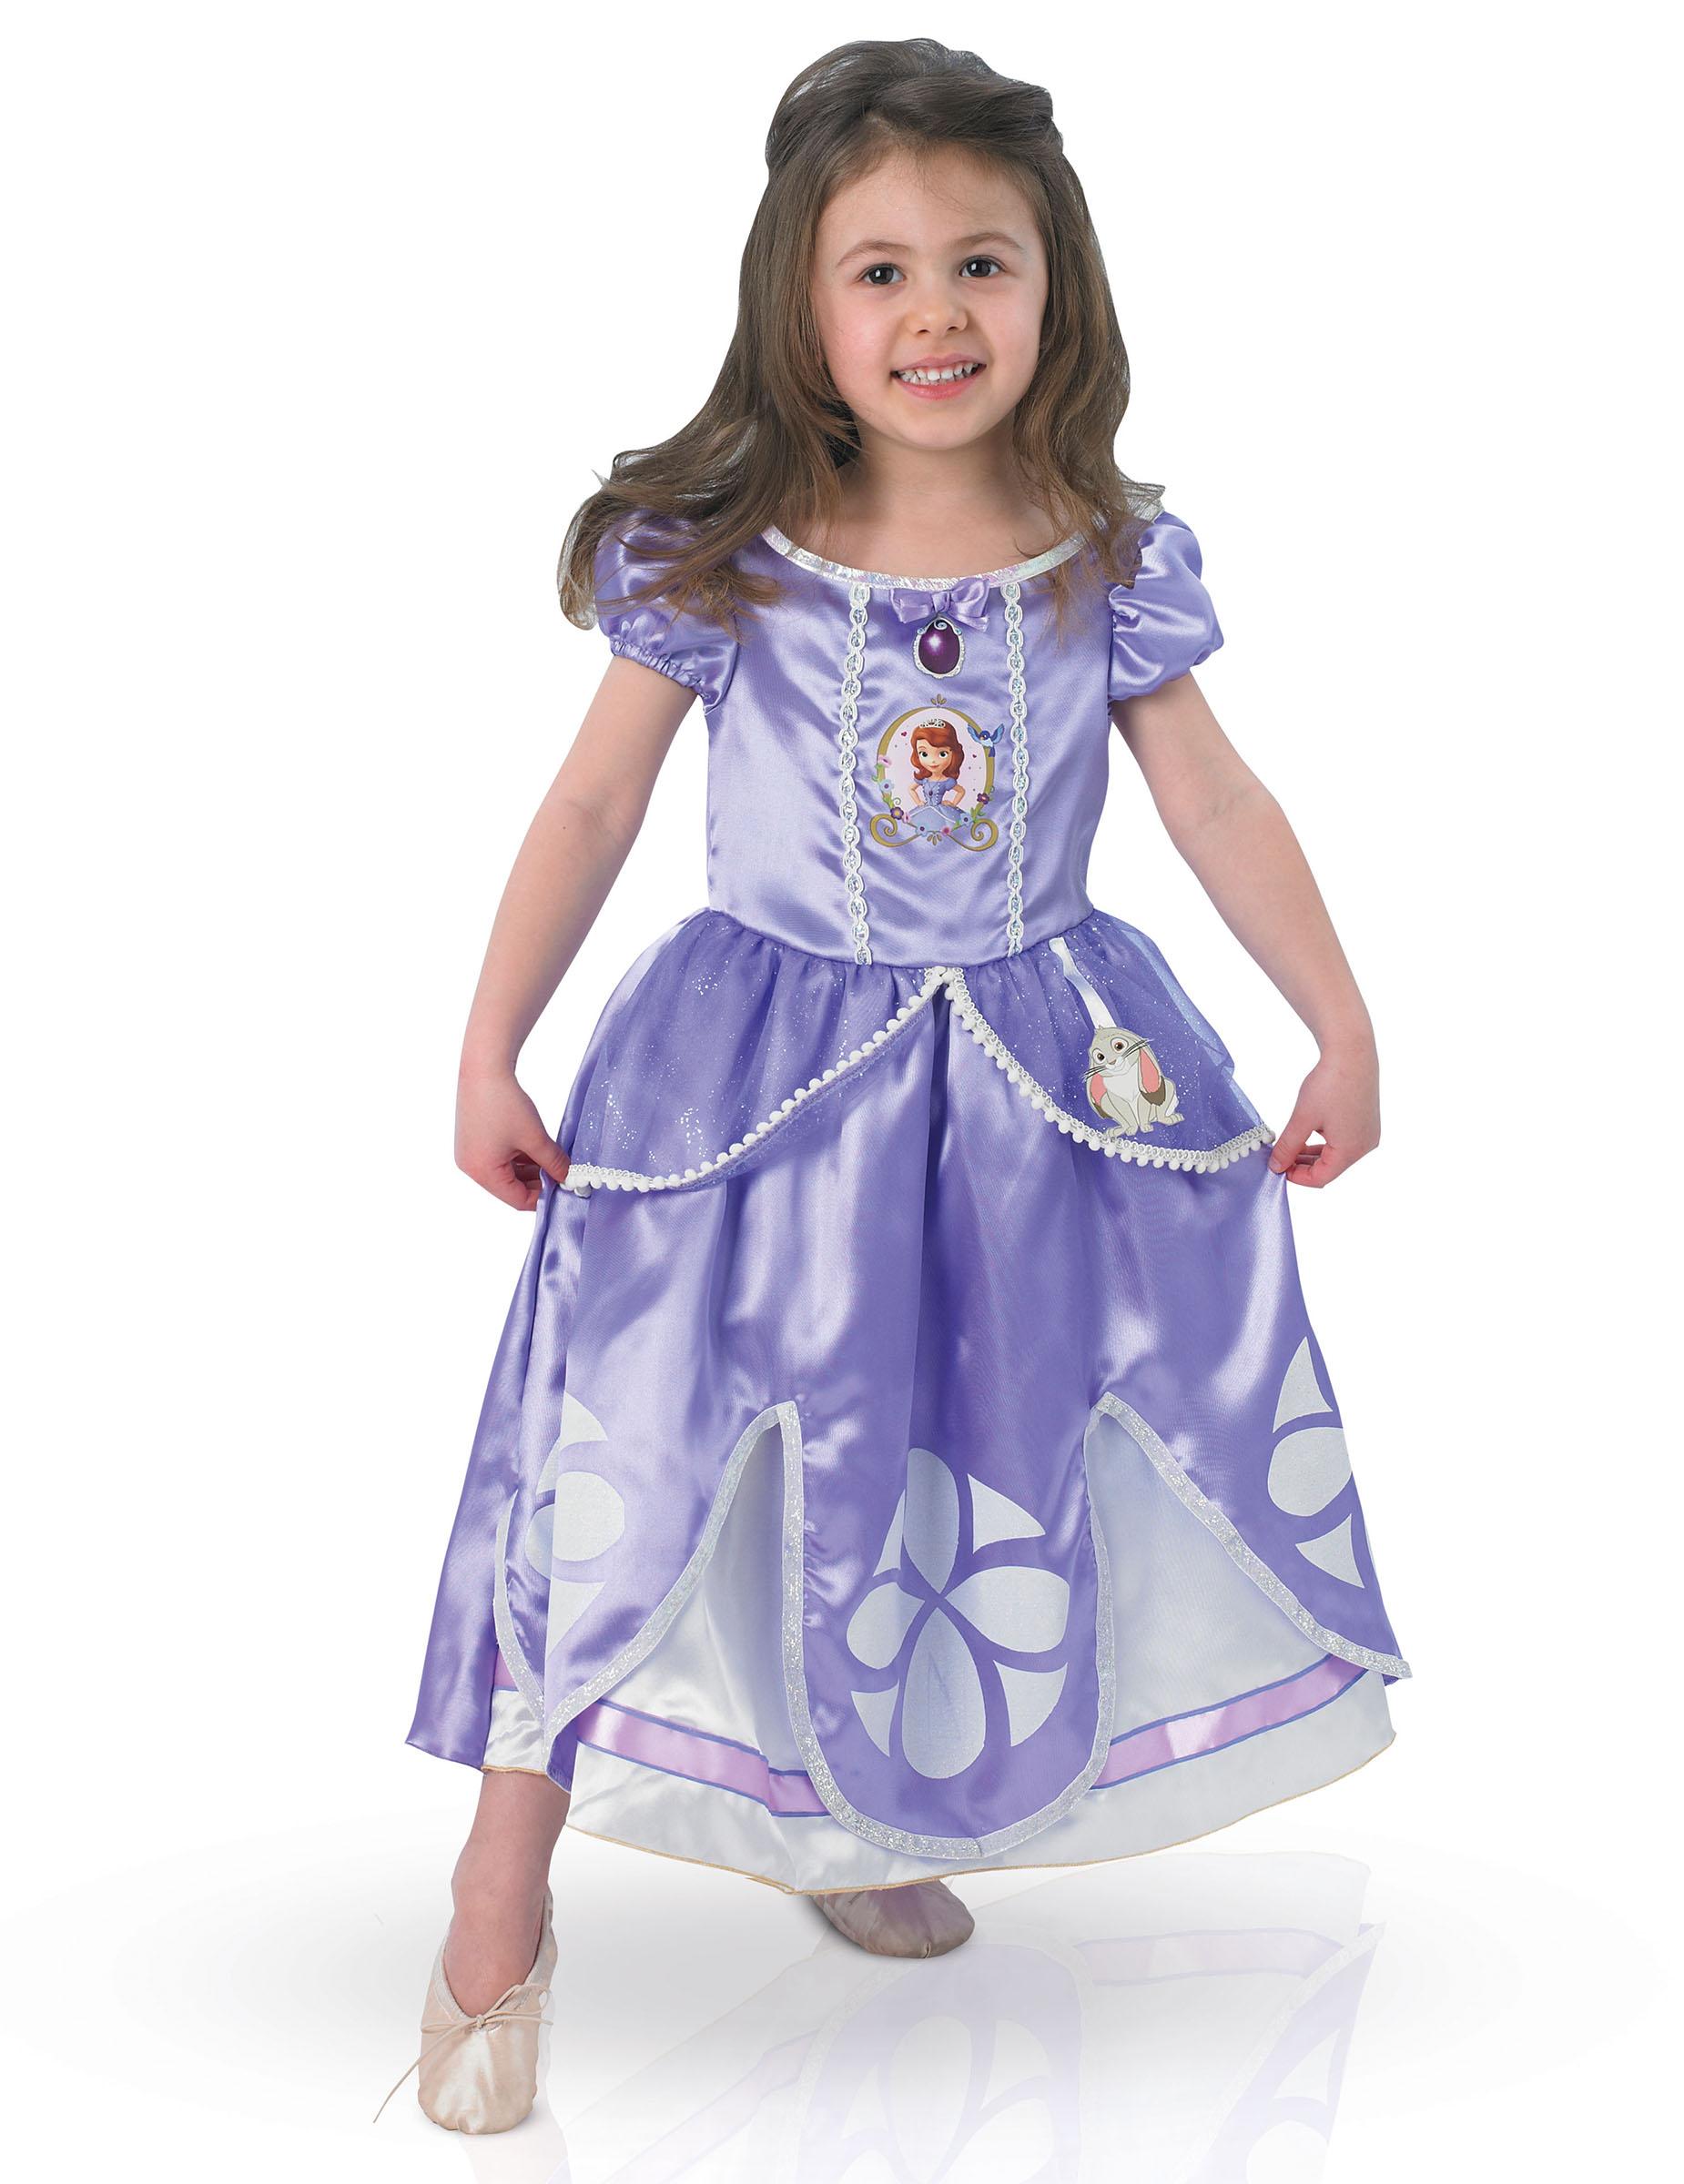 d guisement luxe princesse sofia fille coffret deguise toi achat de d guisements enfants. Black Bedroom Furniture Sets. Home Design Ideas